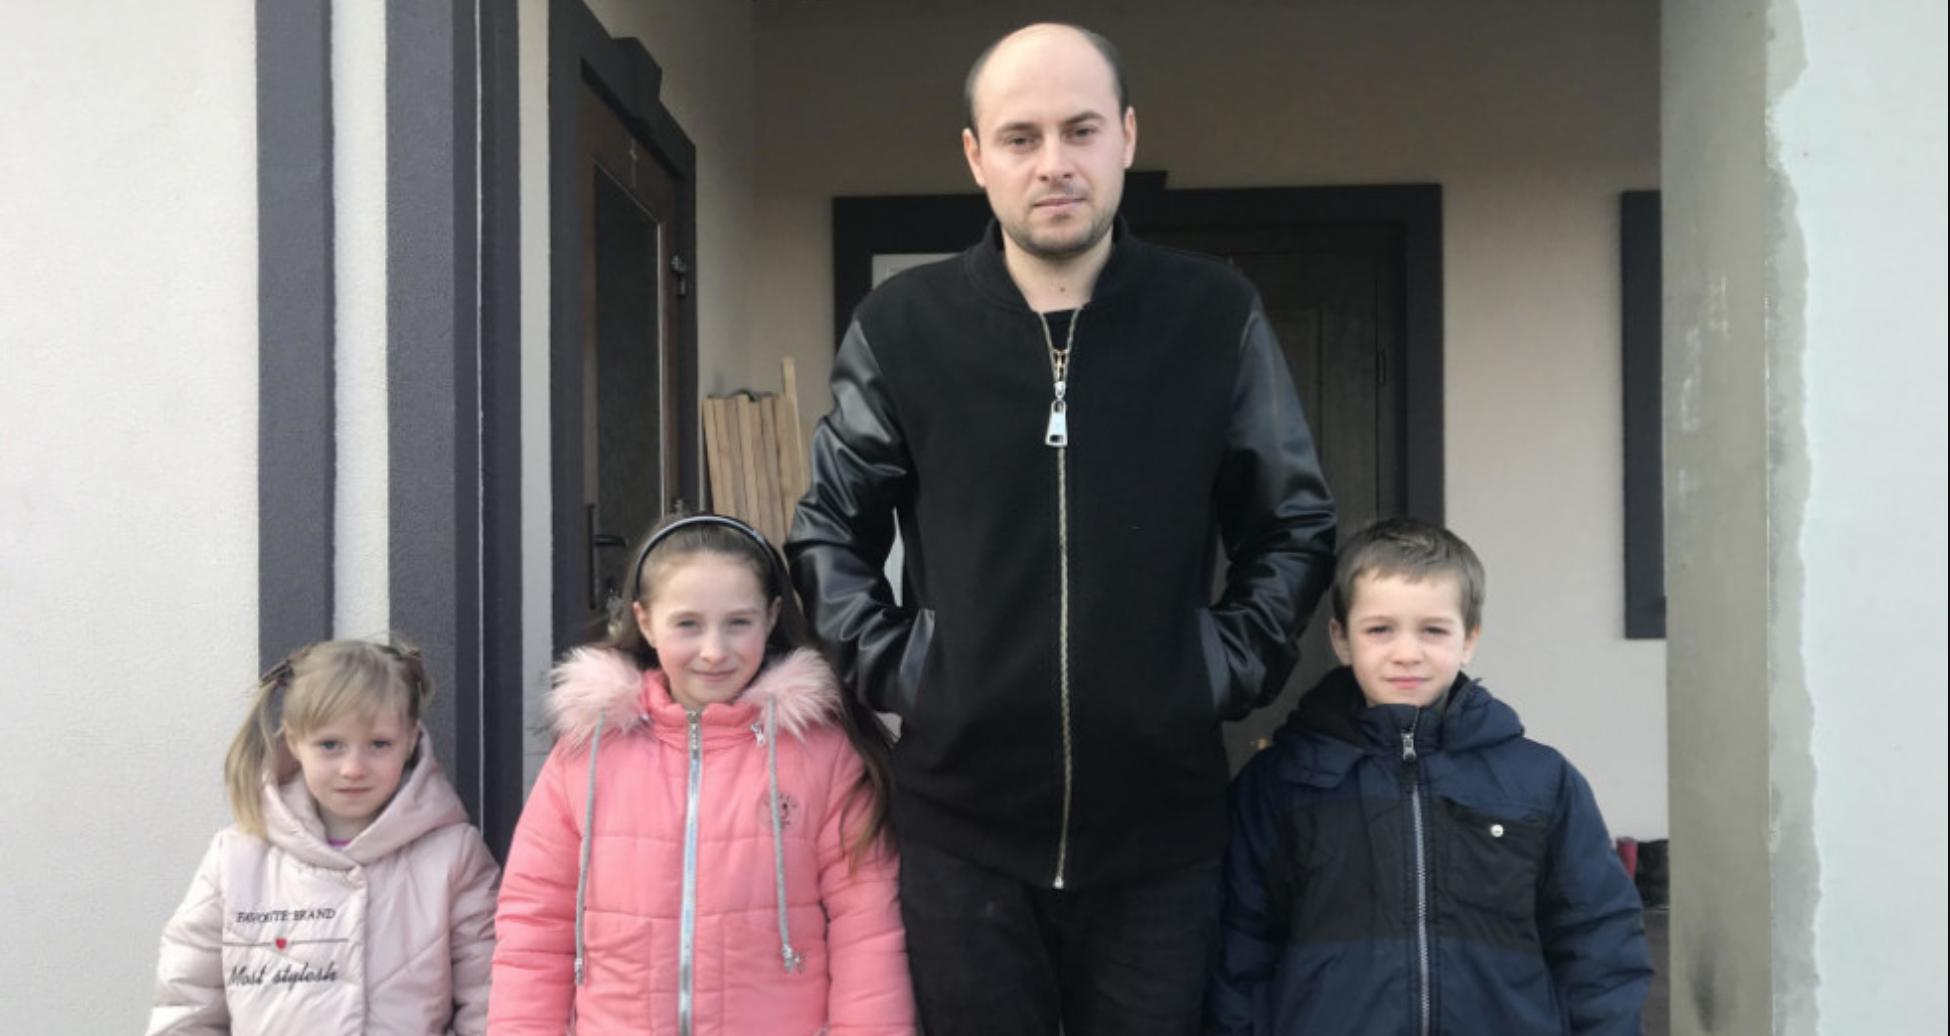 І за тата, і за матір: 28-річний батько з Волині самотушки старається виховати трьох діточок